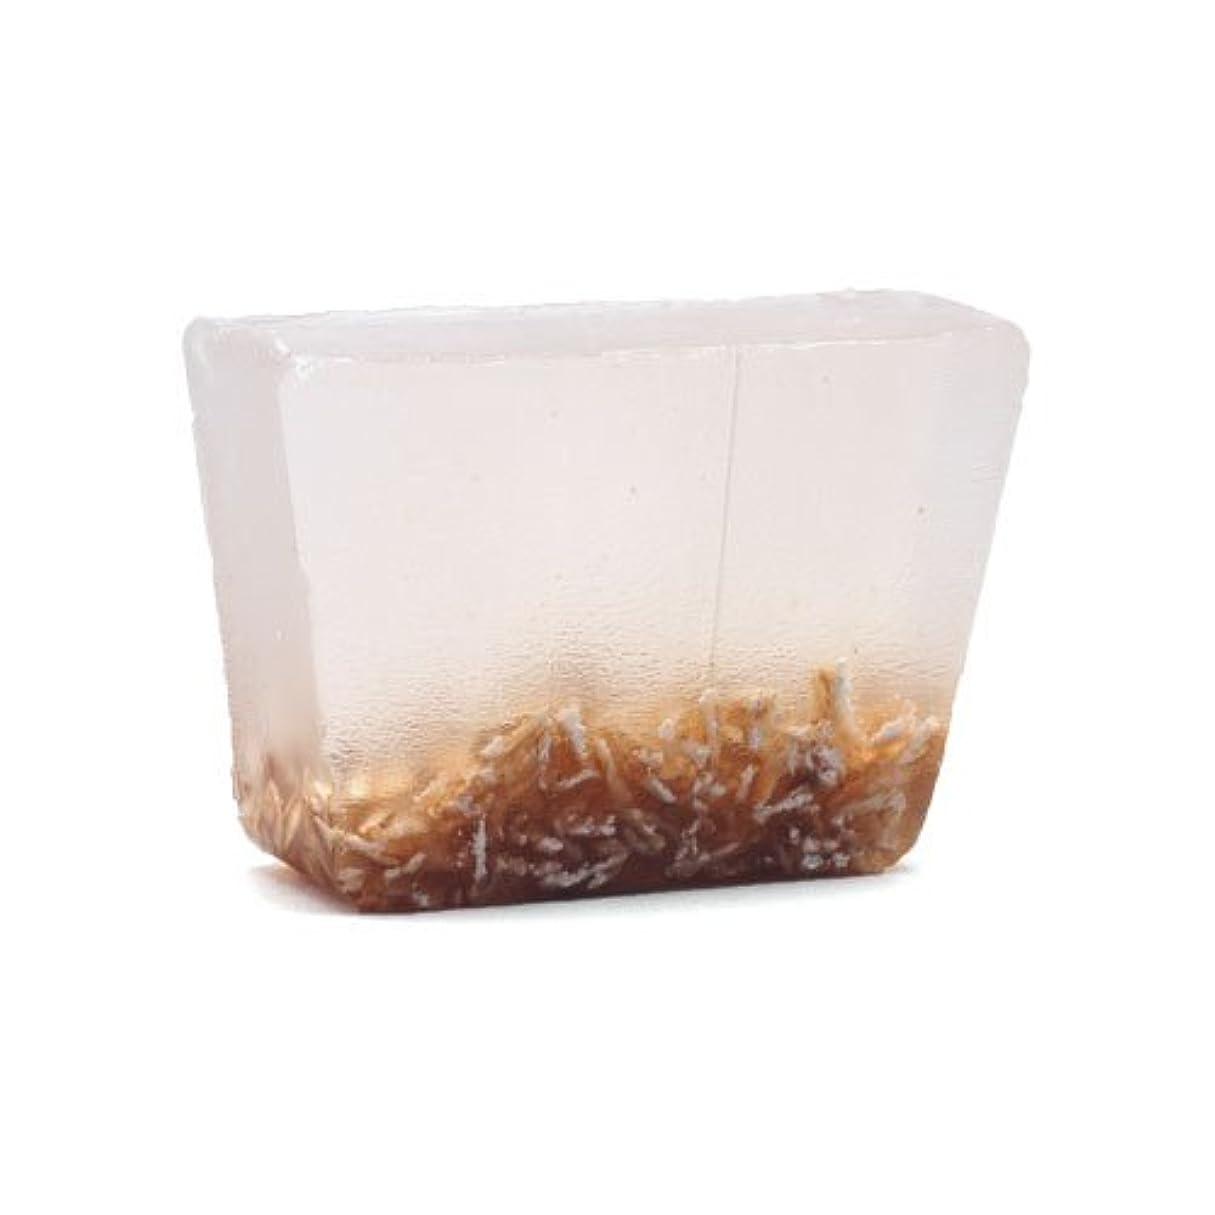 虫を数える手伝うファイナンスプライモールエレメンツ アロマティック ミニソープ ラベンダーオートミール 80g 植物性 ナチュラル 石鹸 無添加